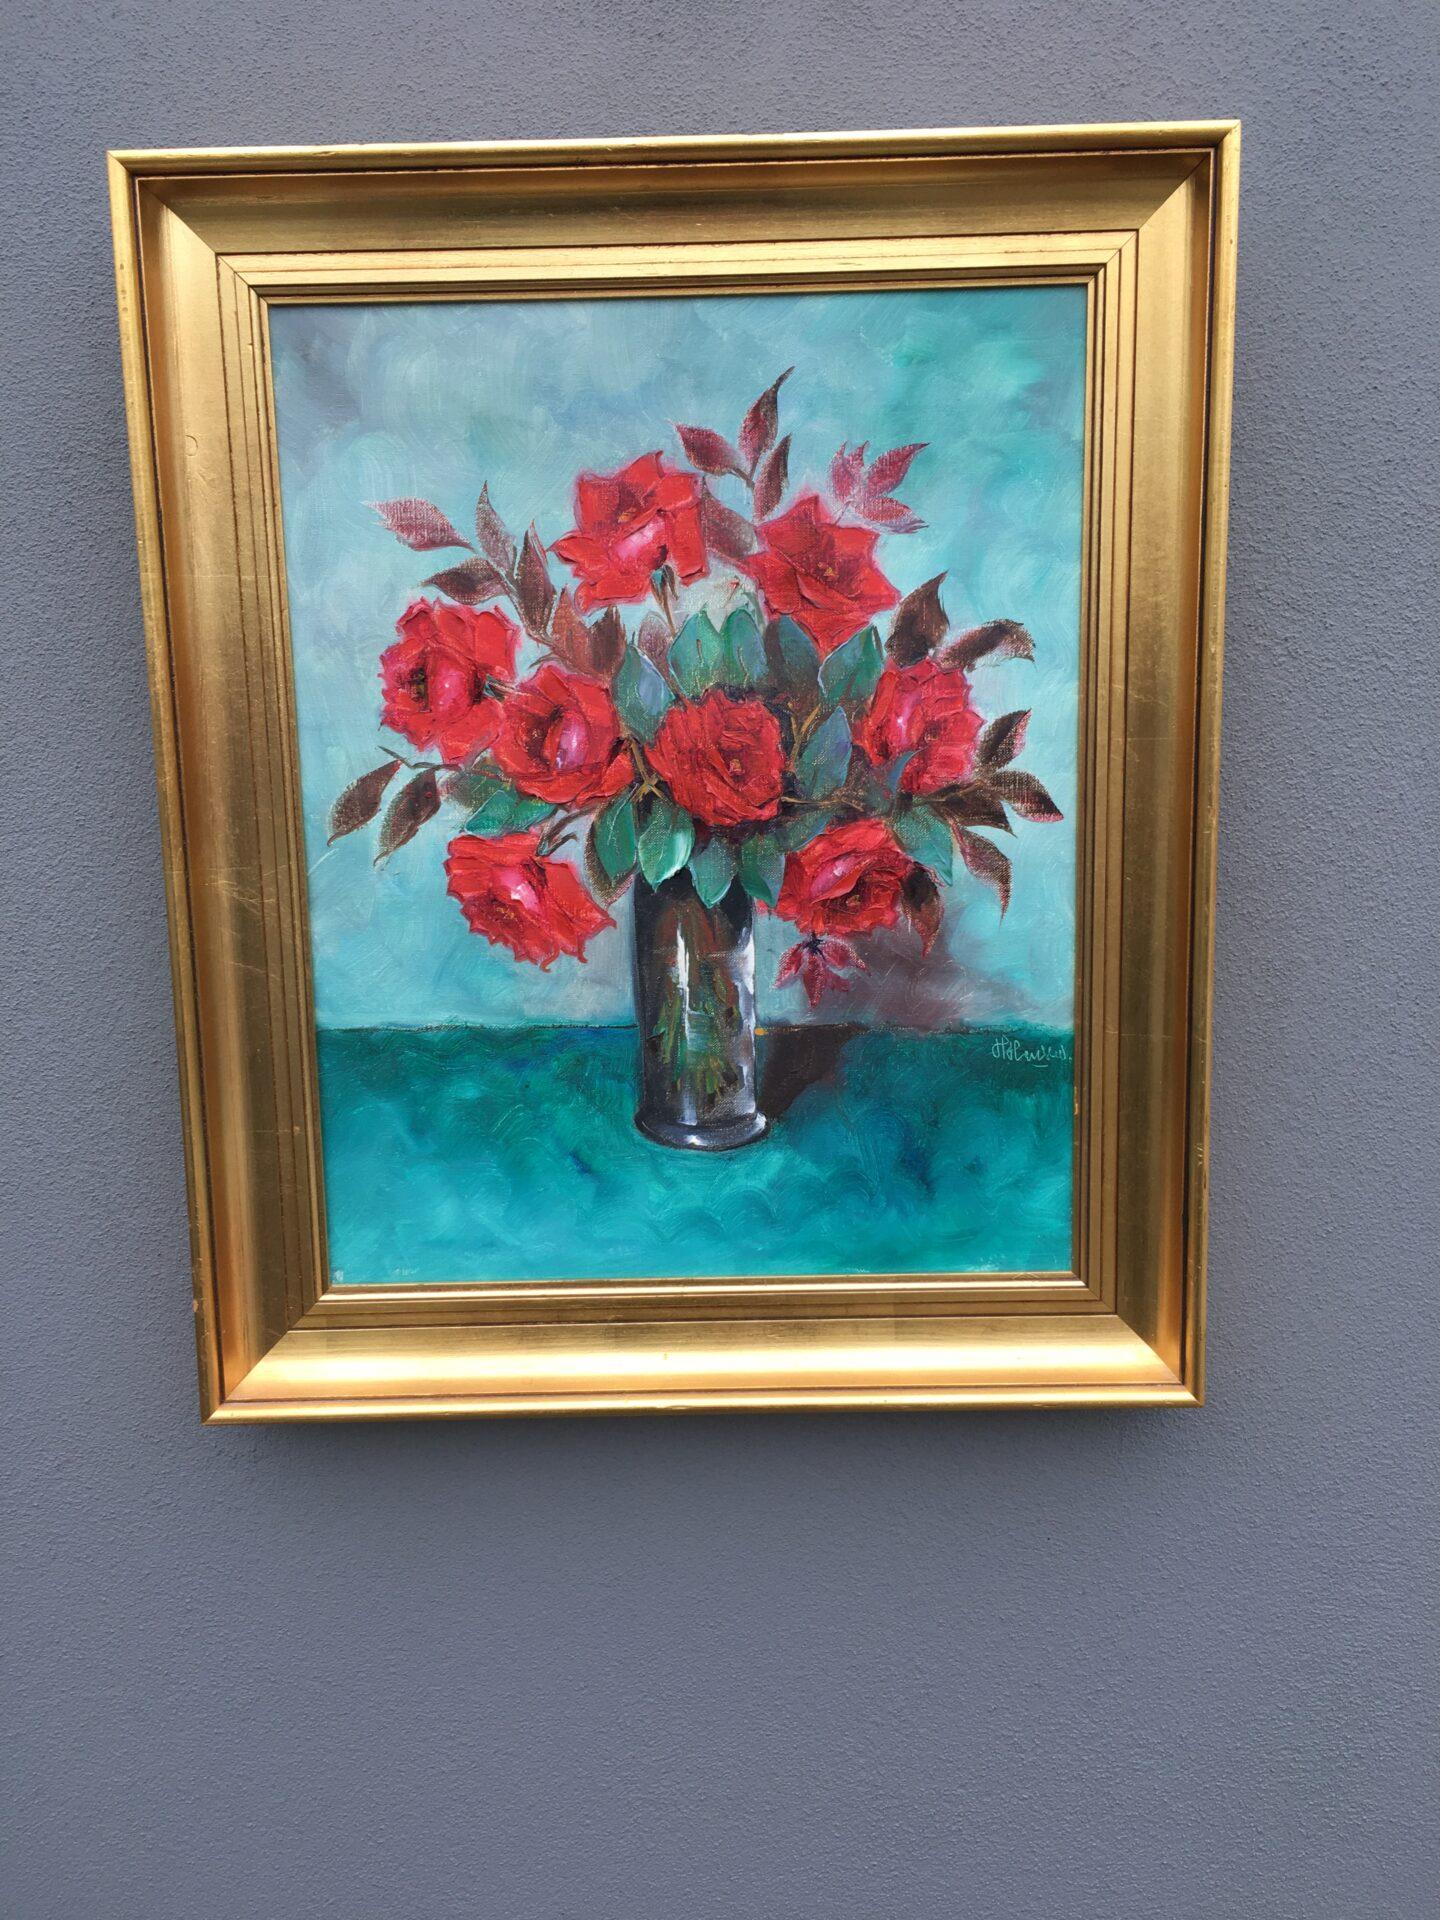 Harriet Hansen, Røde roser, oliemaleri på lærred,  52x63 cm, pris 500kr